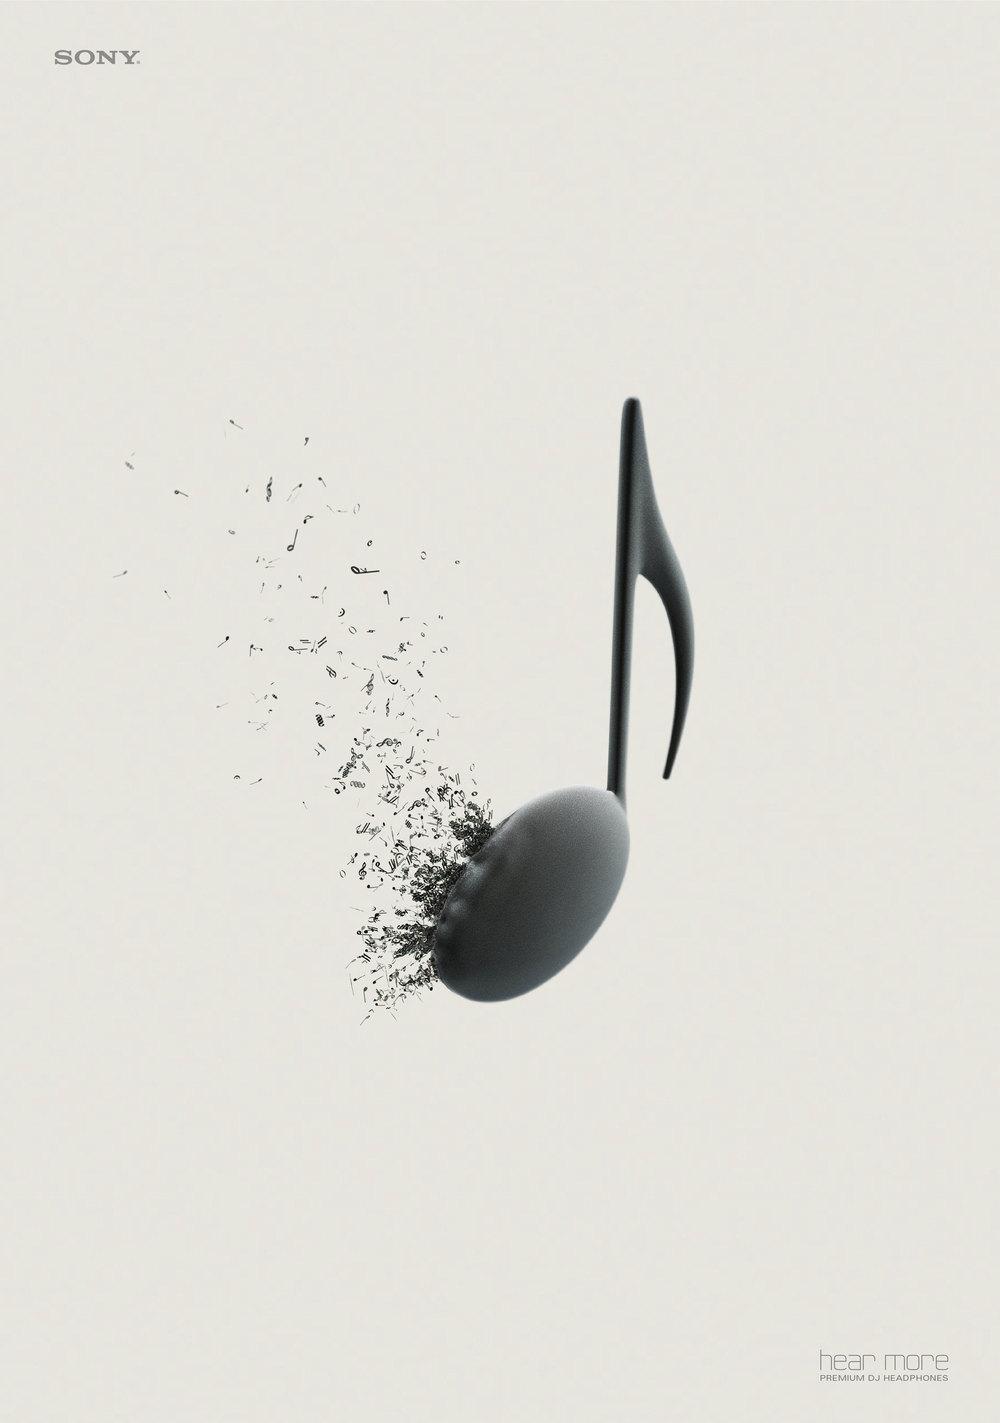 Sony-Exploding-Note.jpg